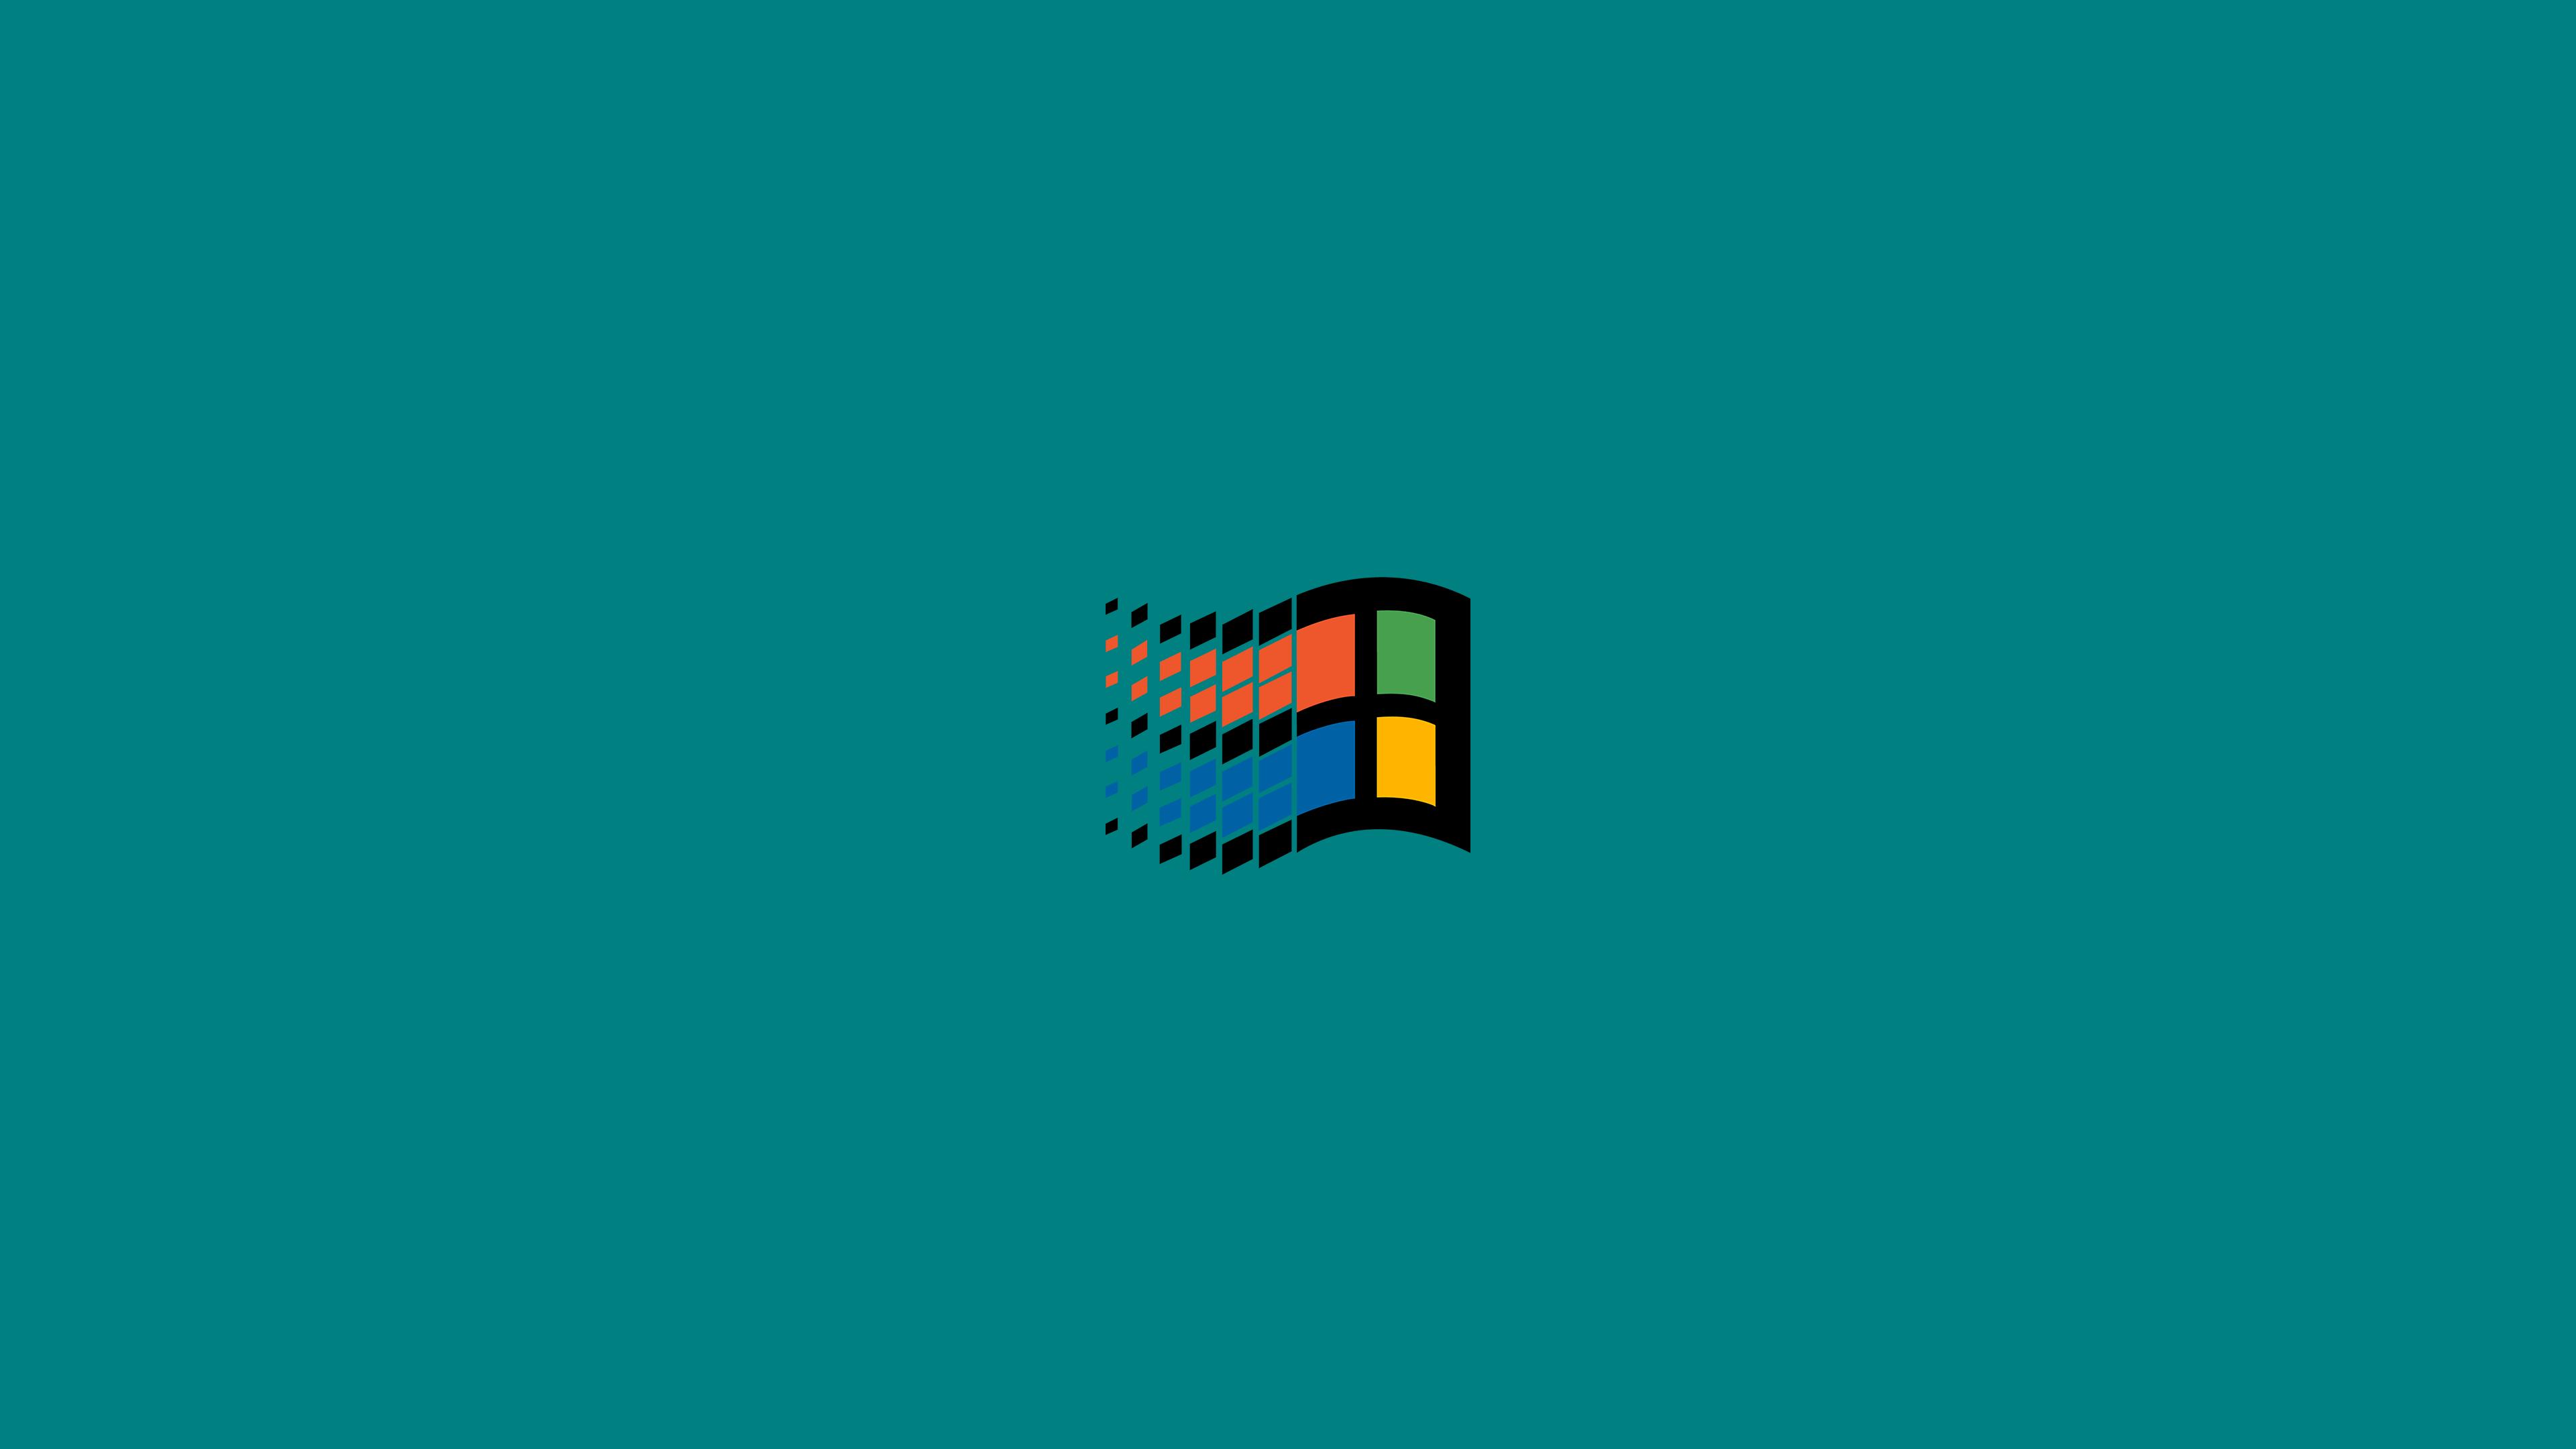 3840x2160 Tôi Đã Tạo Hình Nền Windows Phong Cách Cổ Điển, Tối Giản (4K): Pcmasterrace